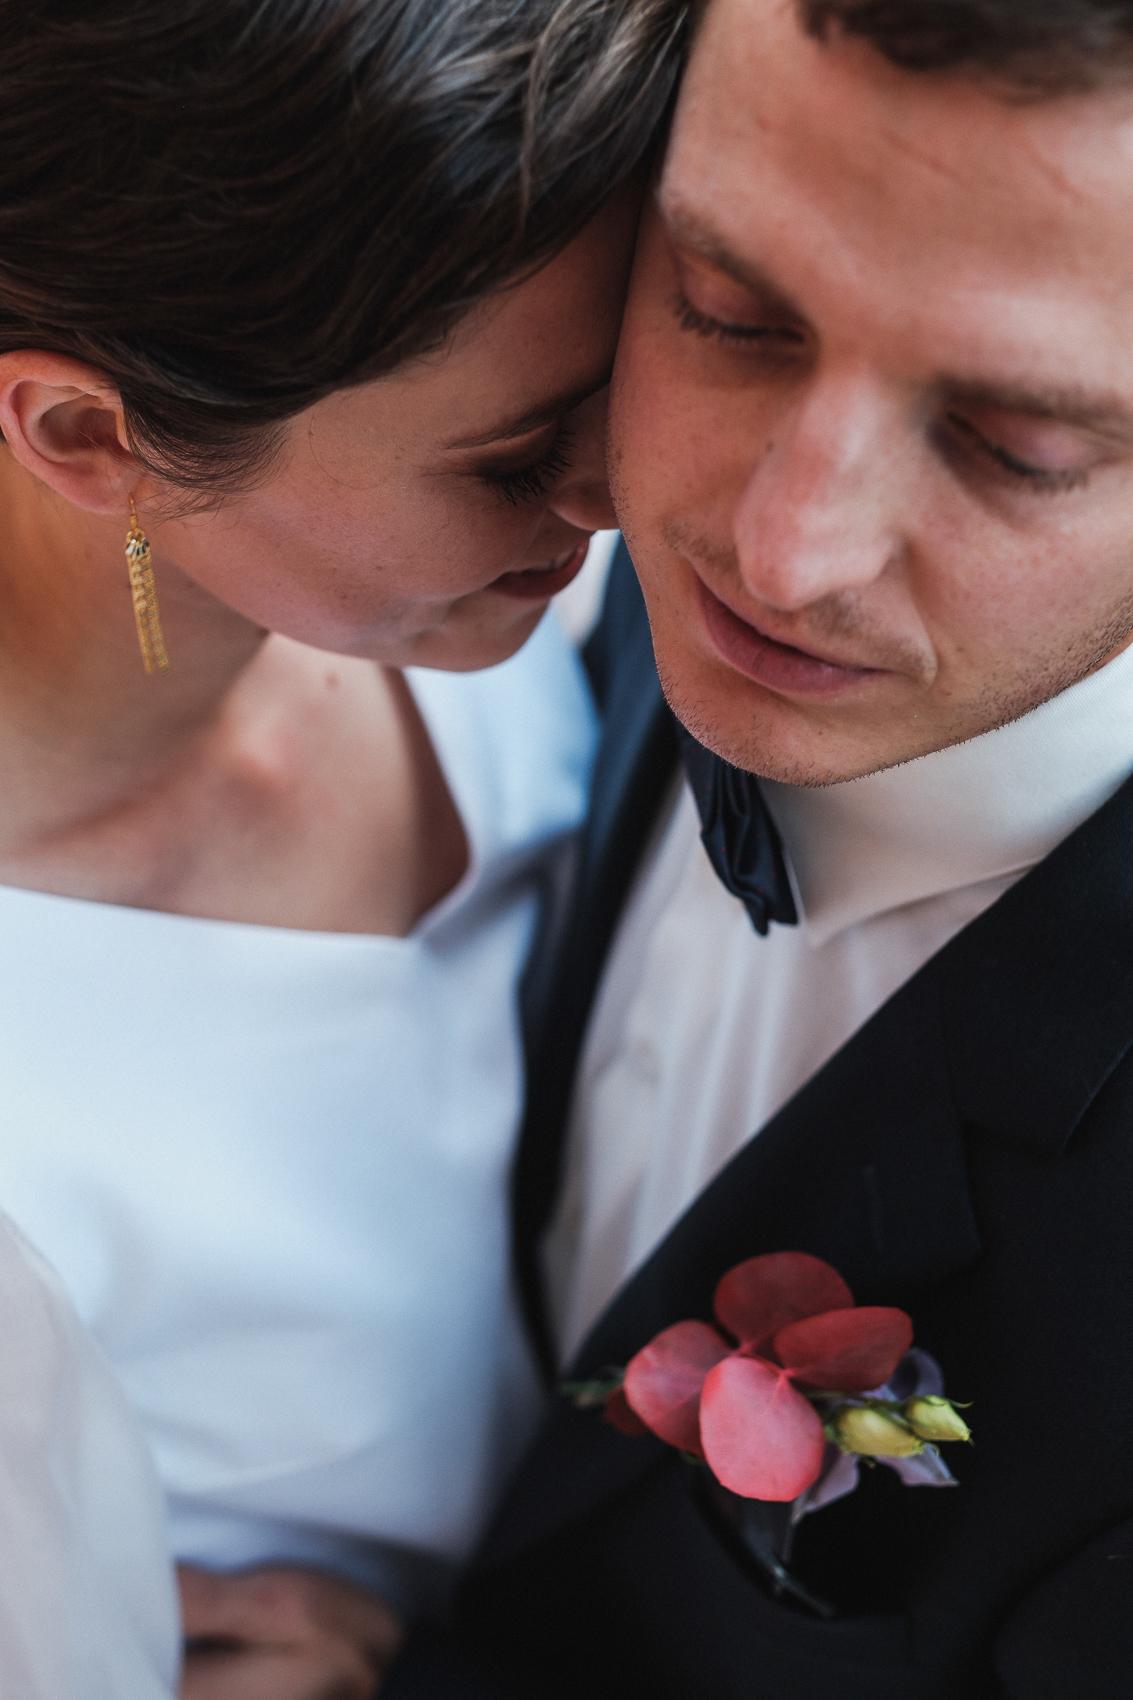 iso800 - huwelijksfotograaf Jacinth en Jens Antwerpen-19.jpg